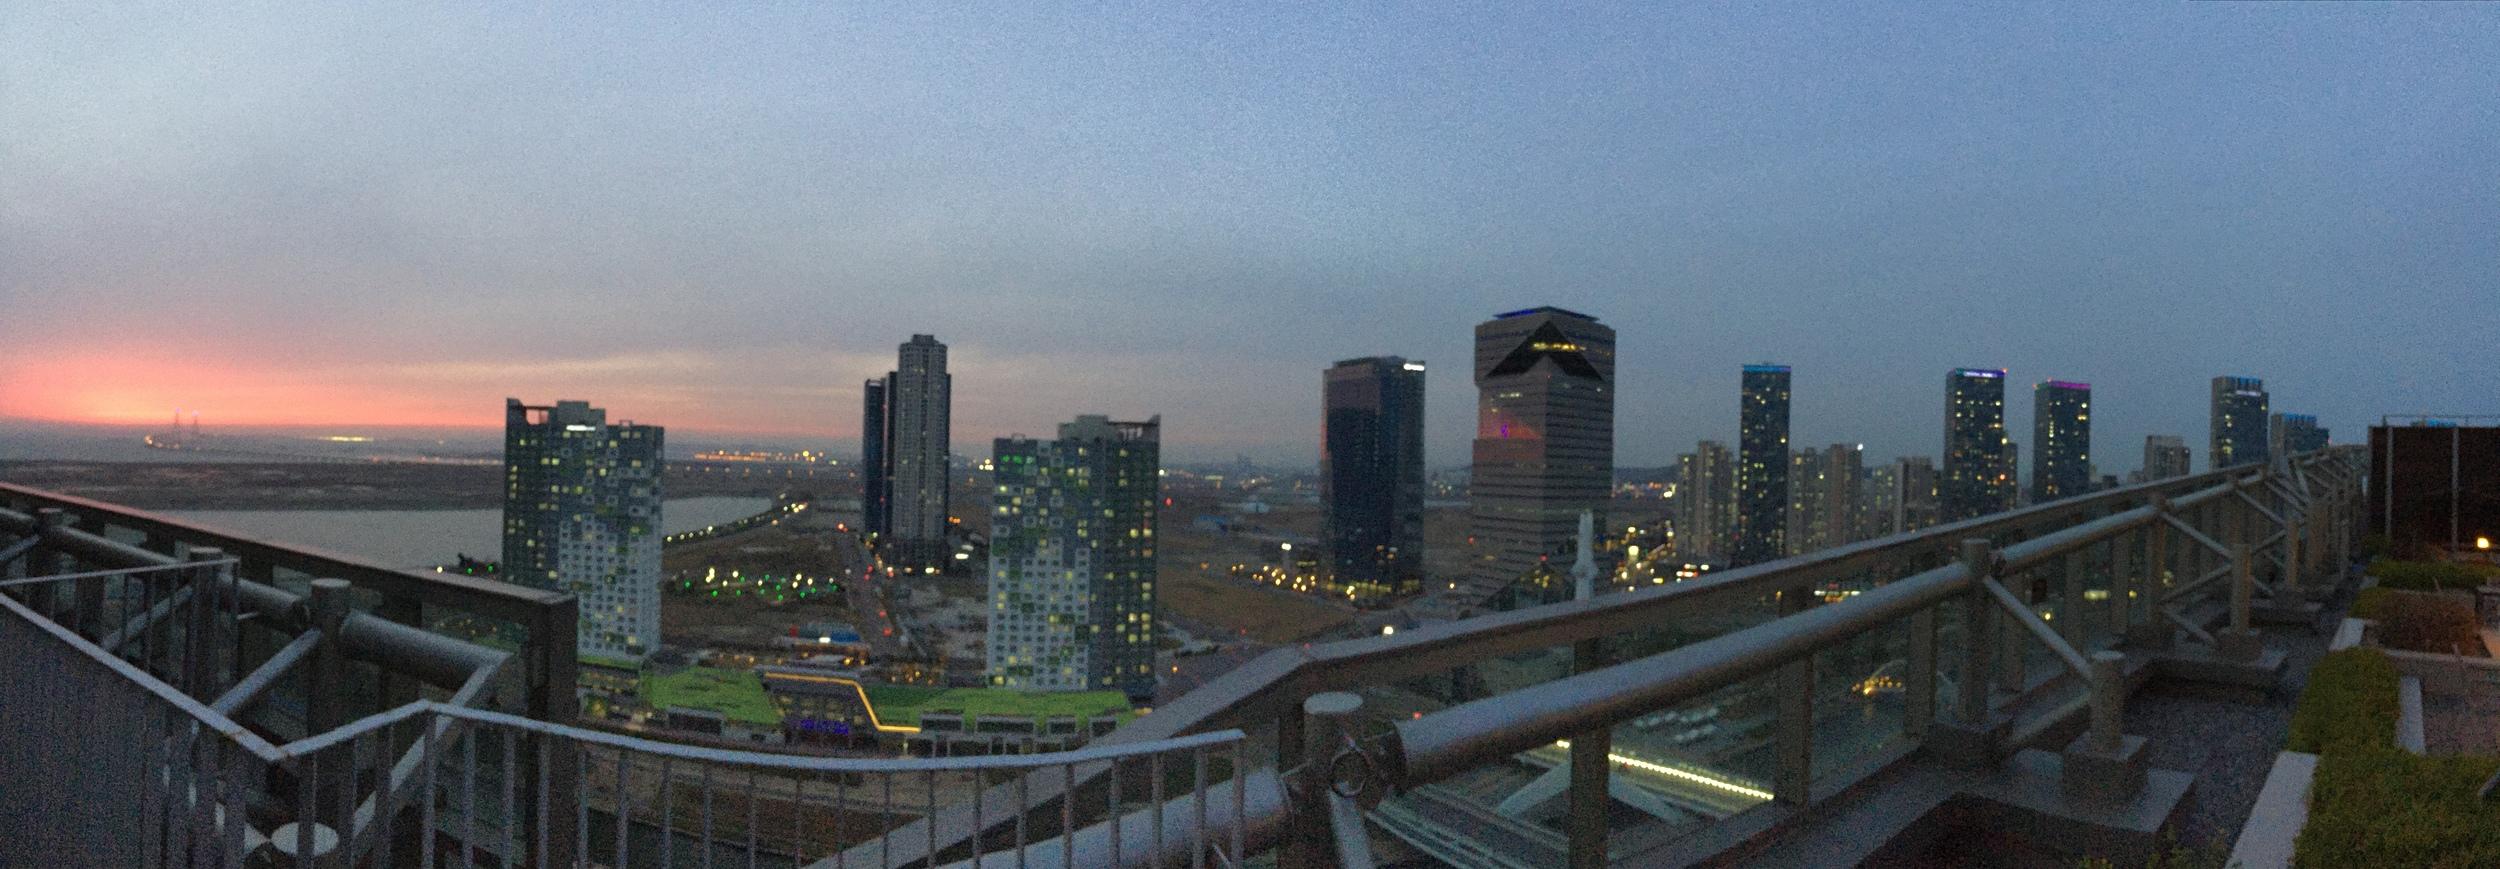 Sunset over Songdo